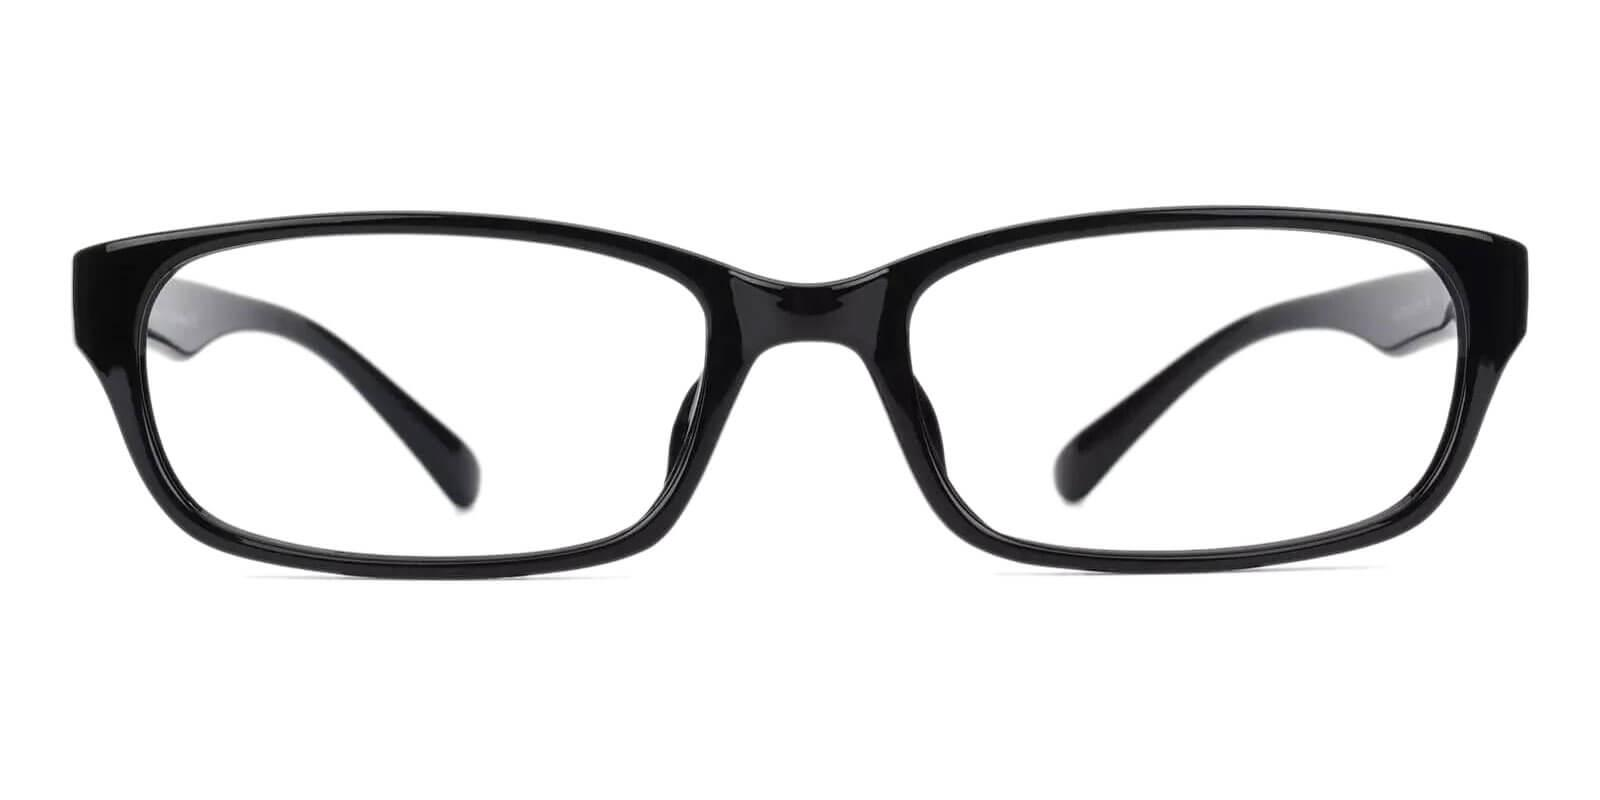 Kids-Gilark Black TR Eyeglasses , UniversalBridgeFit Frames from ABBE Glasses